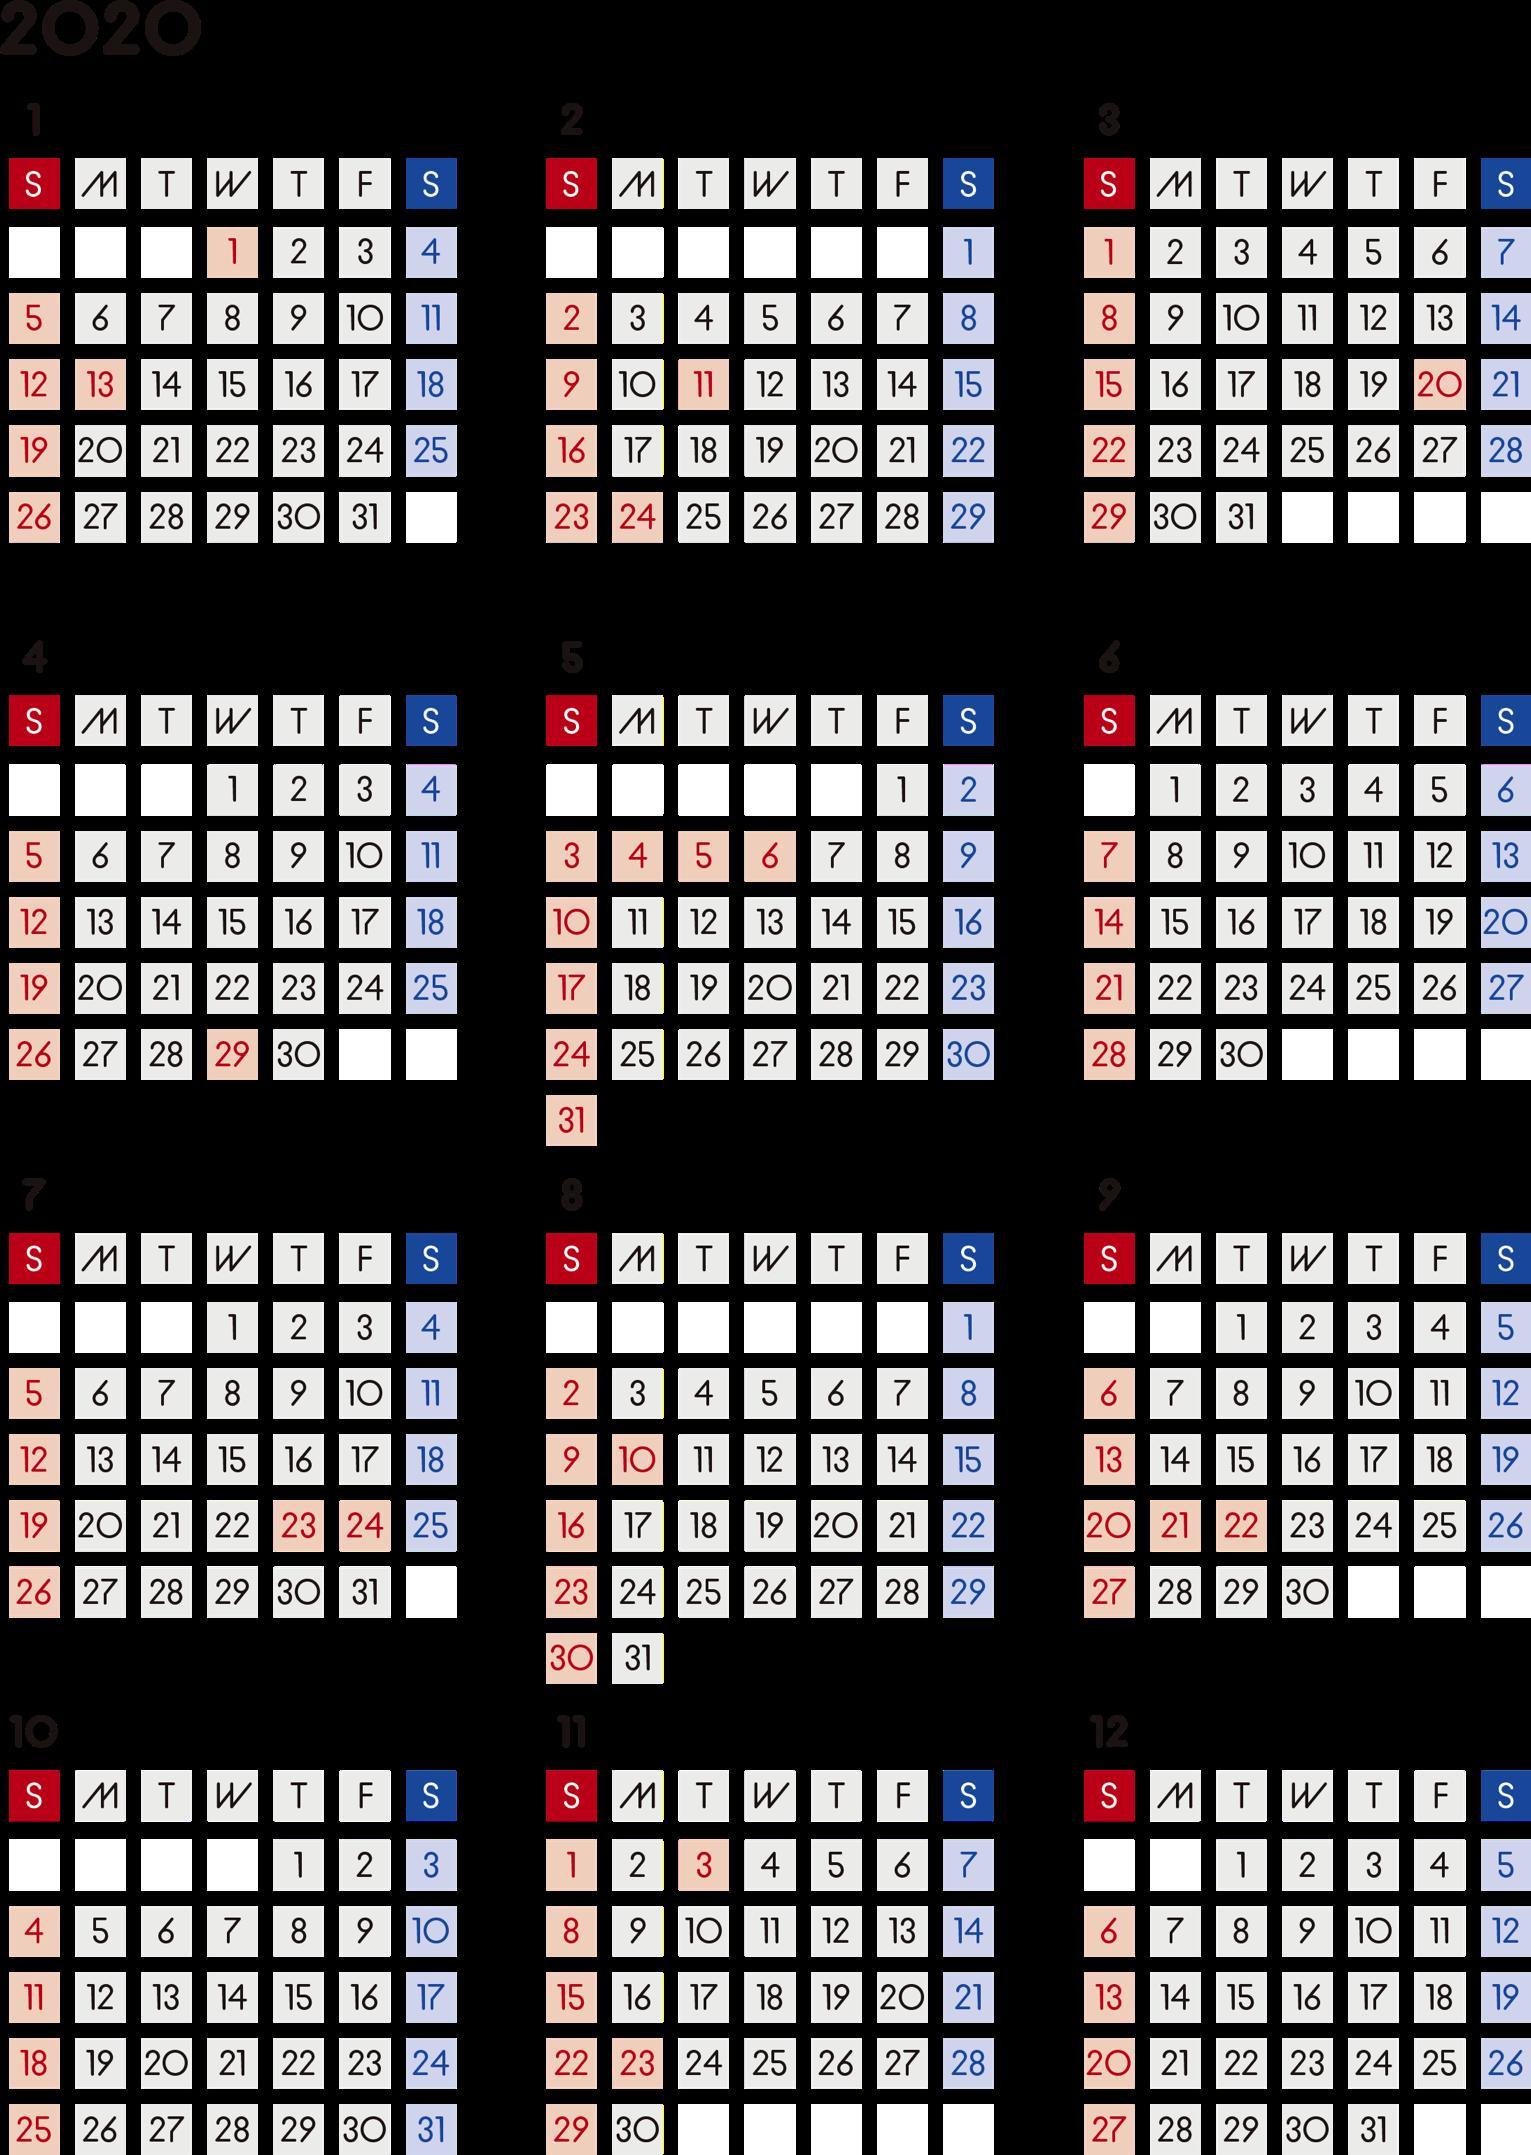 カレンダー ダウンロード 無料